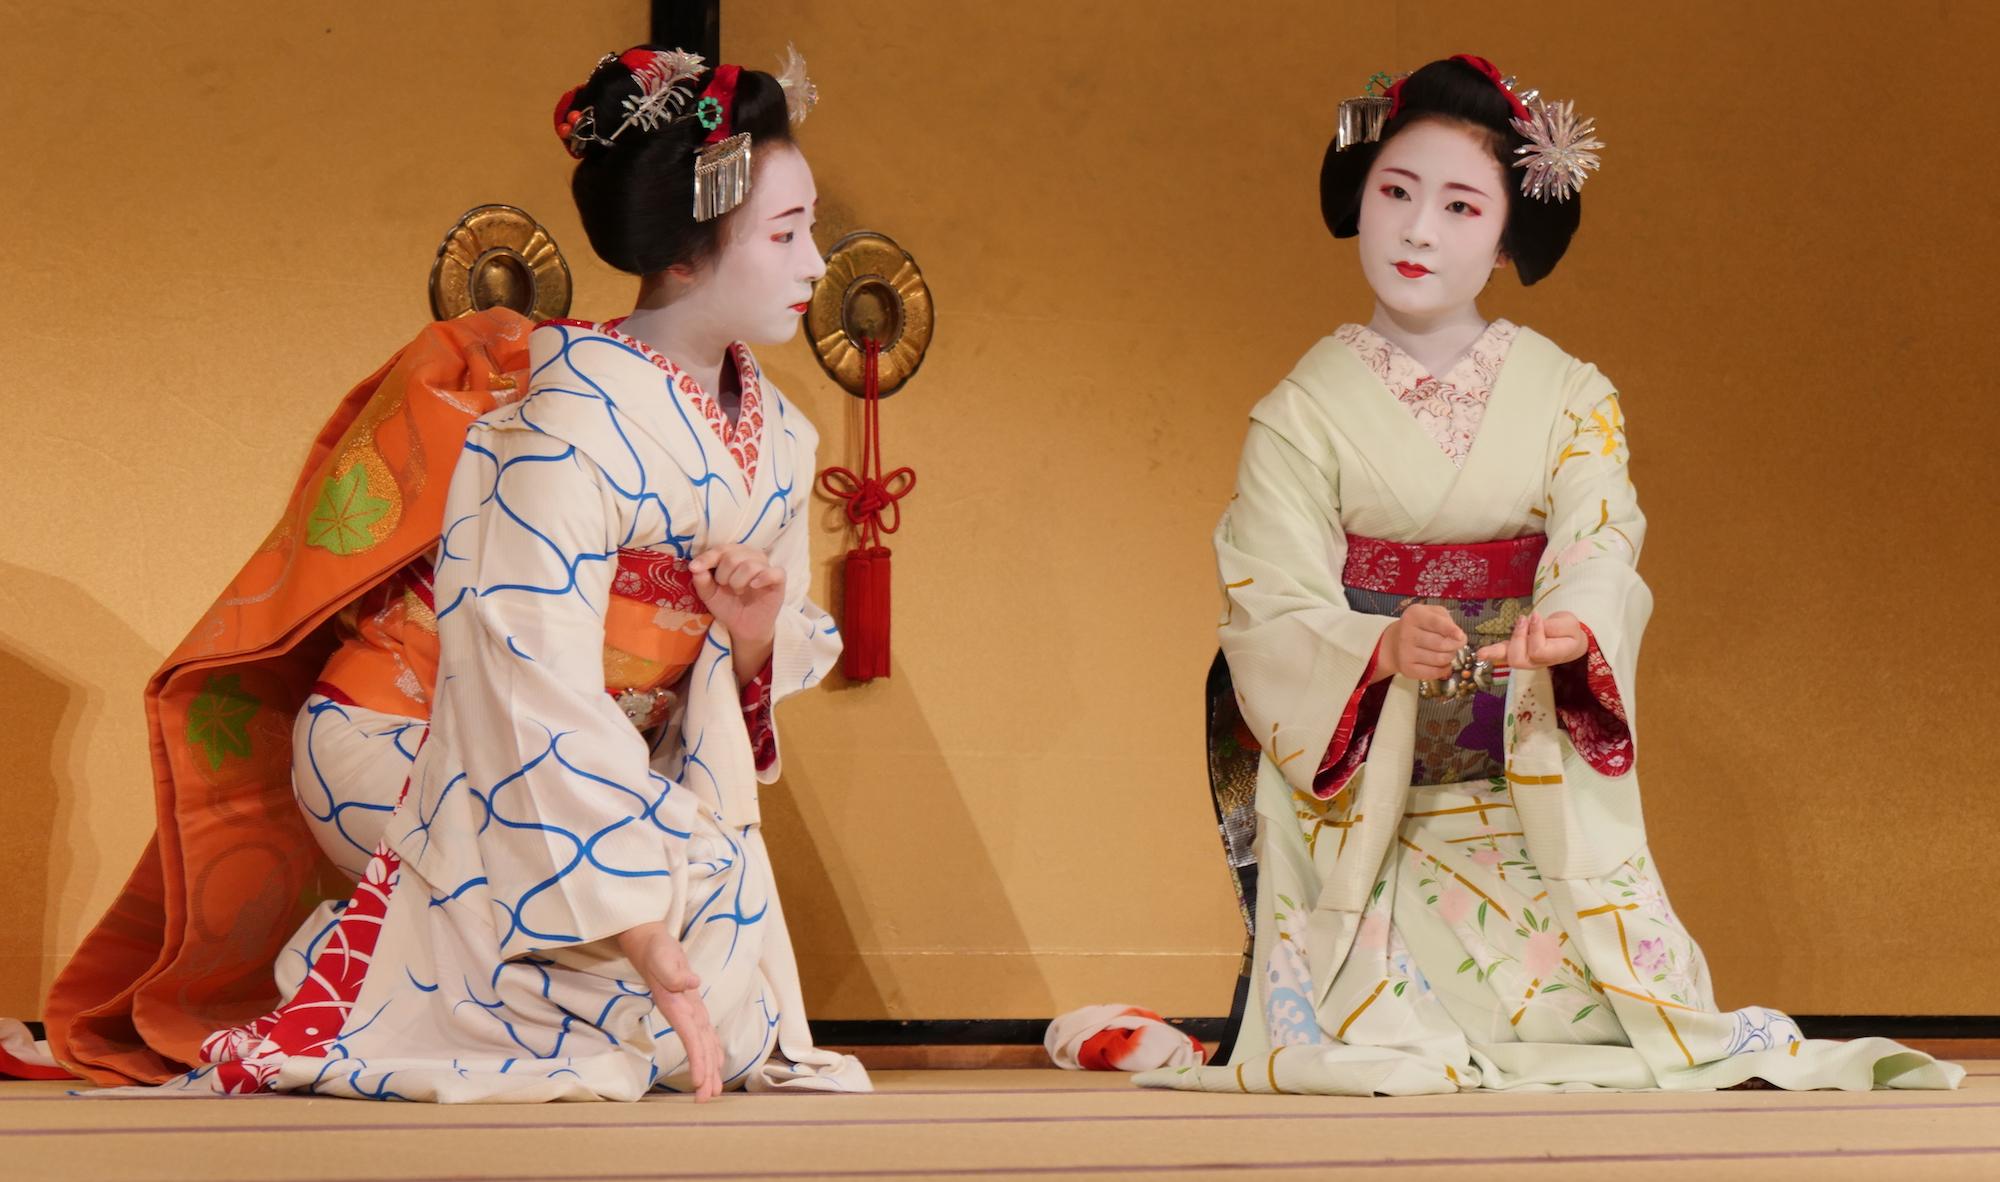 Geisha at Gion Corner. Credit: tjabeljan. Licensed under CC.